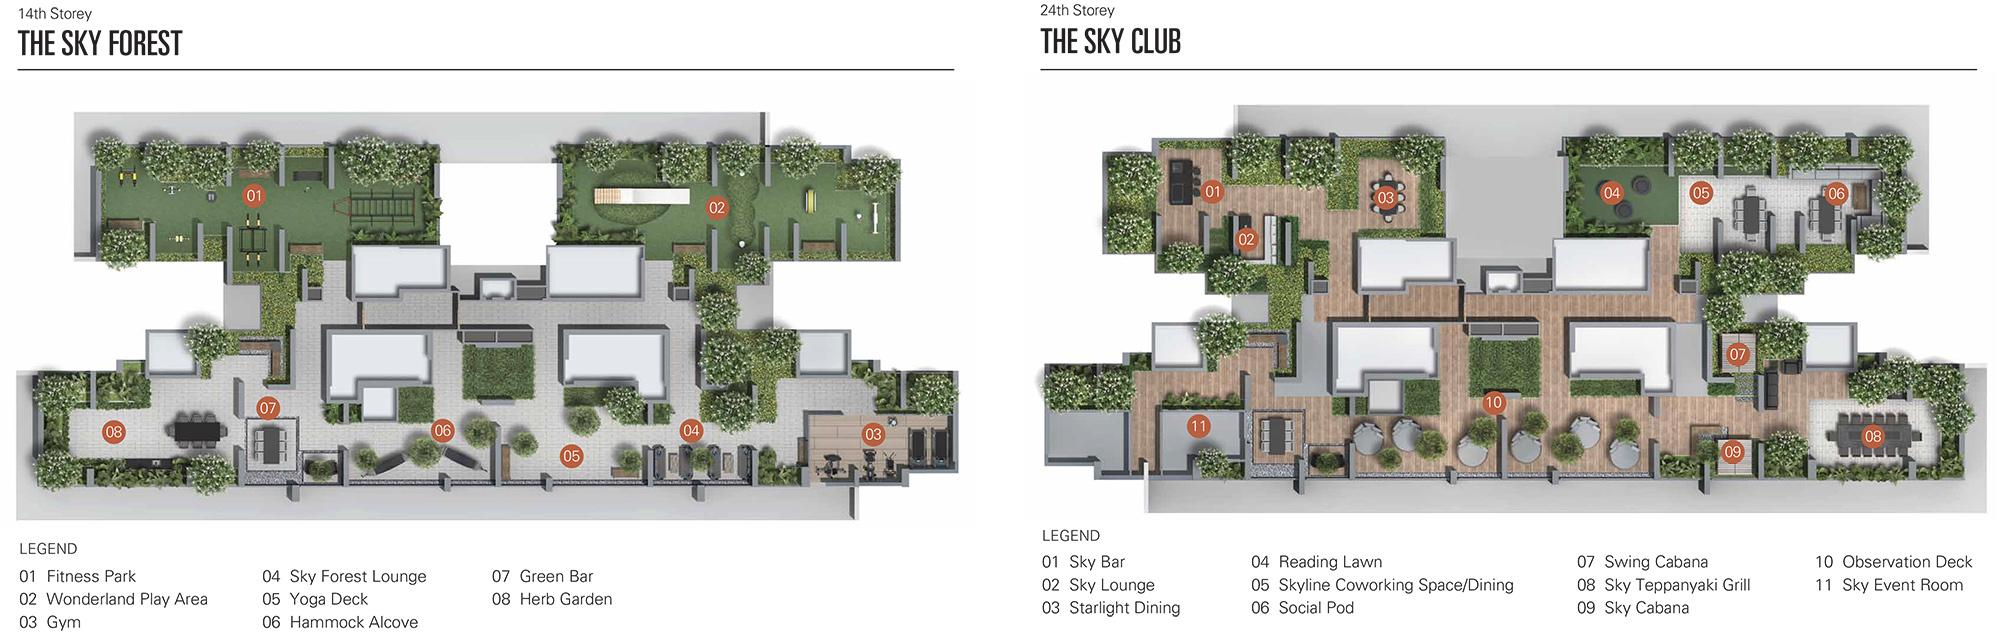 new-condo-singapore-sky-everton-sky-terraces